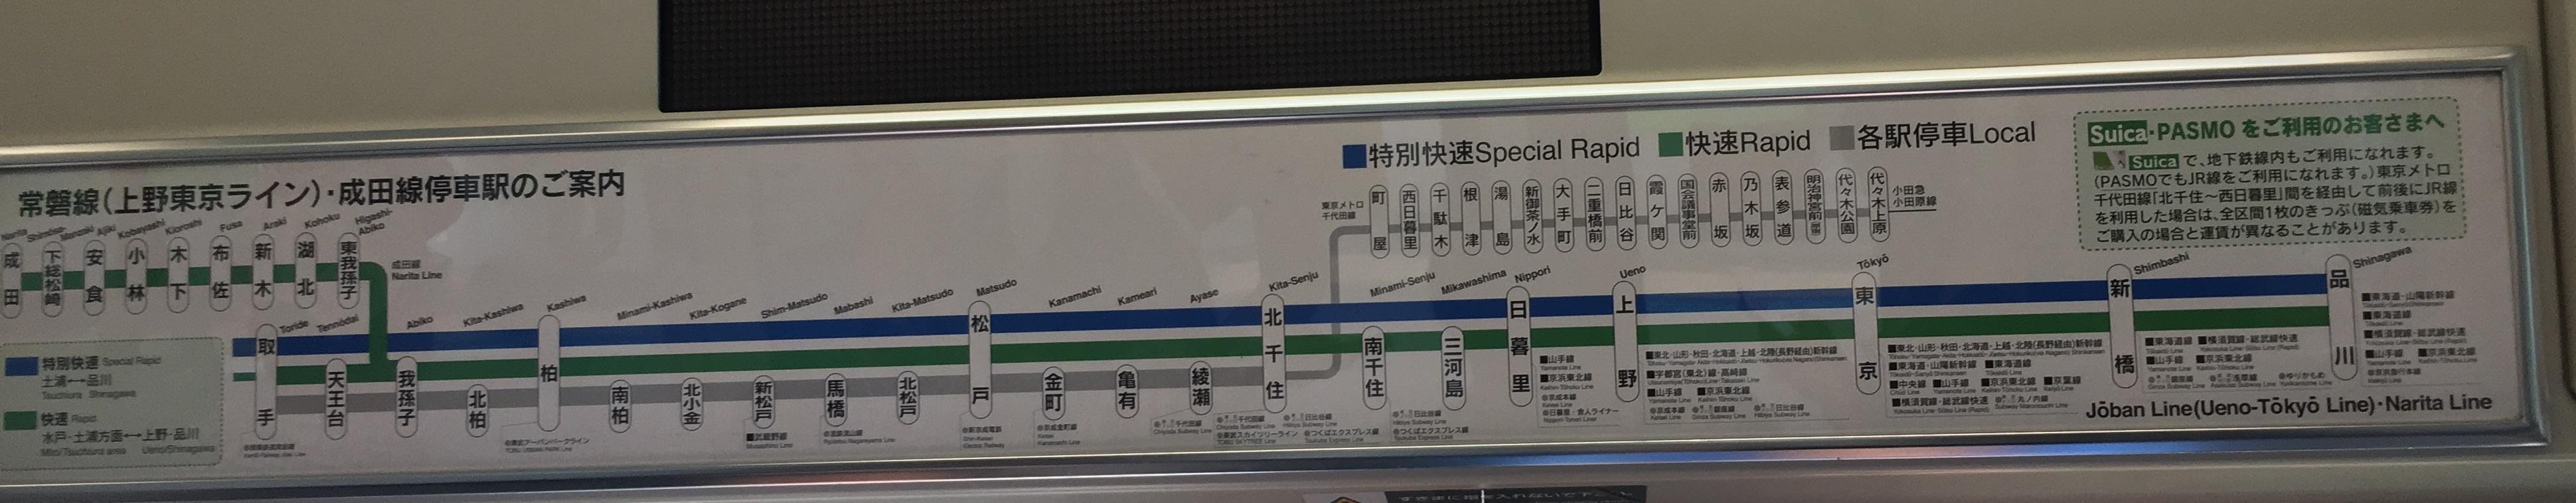 Wasabi民宿26 常磐線 jr